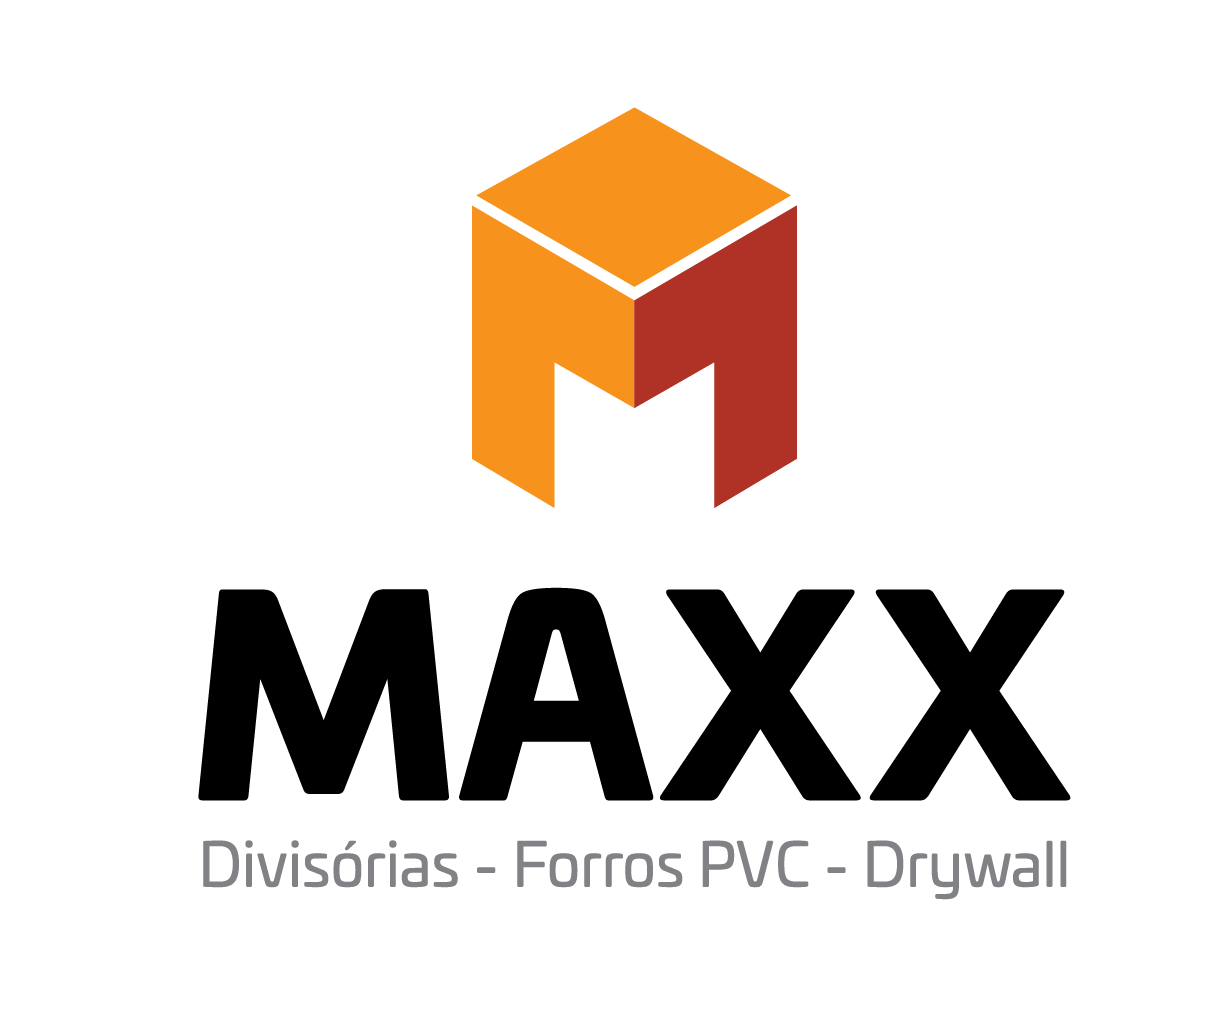 Comprar Forro de Pvc Decorado para Teto Lauzane Paulista - Forro de Pvc Colorido - Maxx Forro